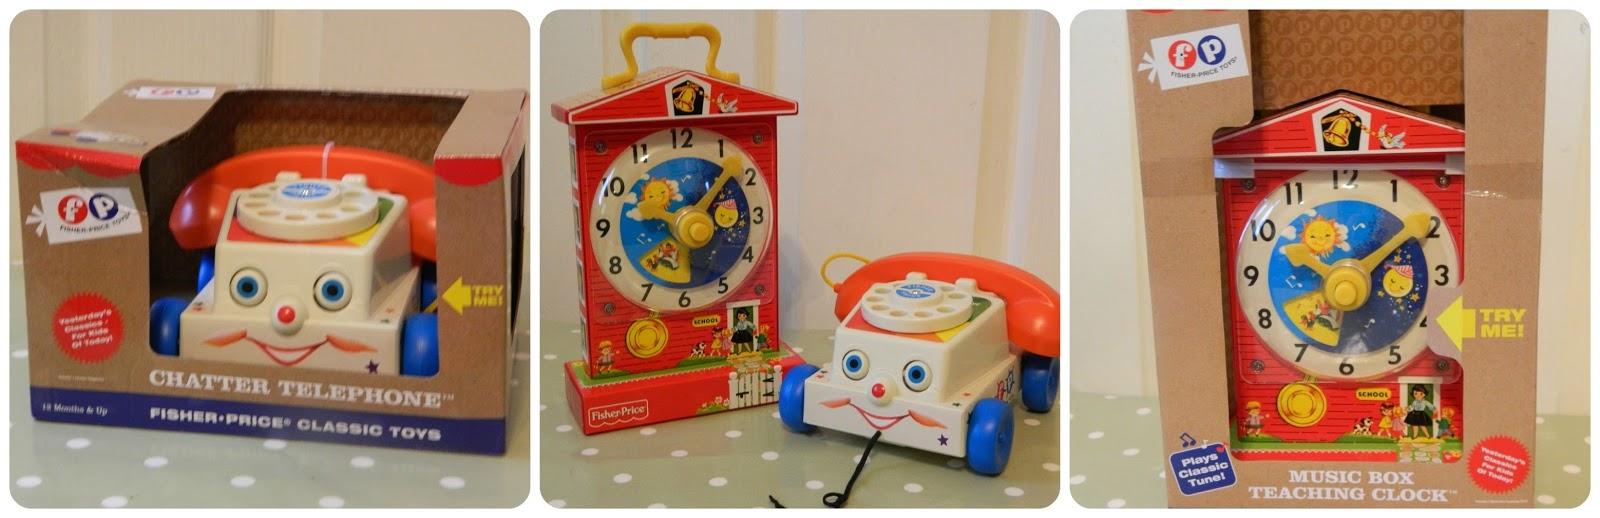 Fisher-Price Retro Classics Chatter Telephone and Music Box Teaching Clock